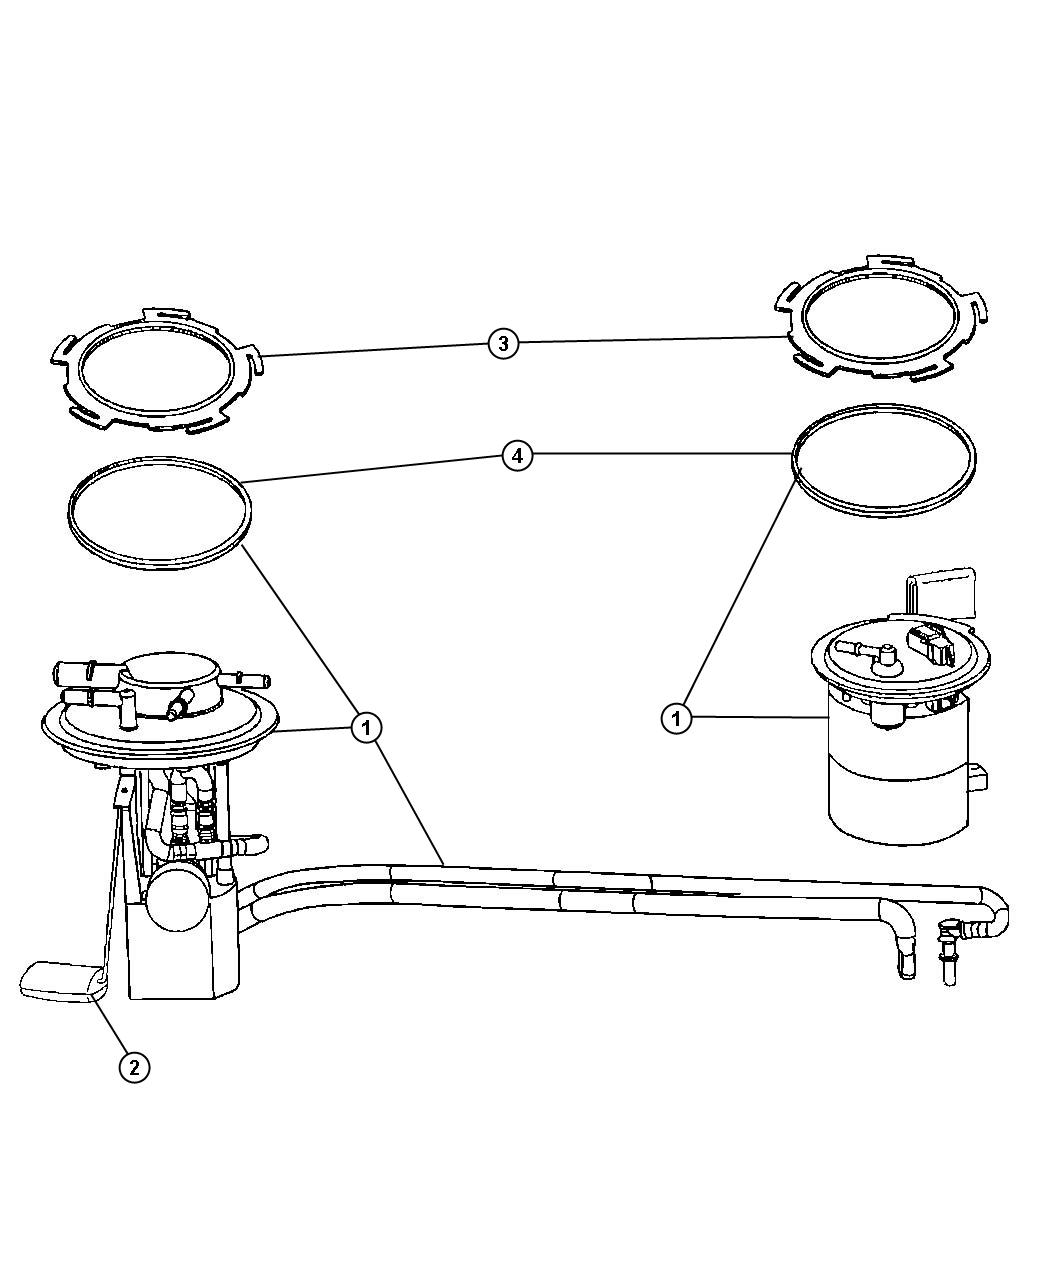 2008 Chrysler Pacifica Module Kit  Fuel Pump  Level Unit